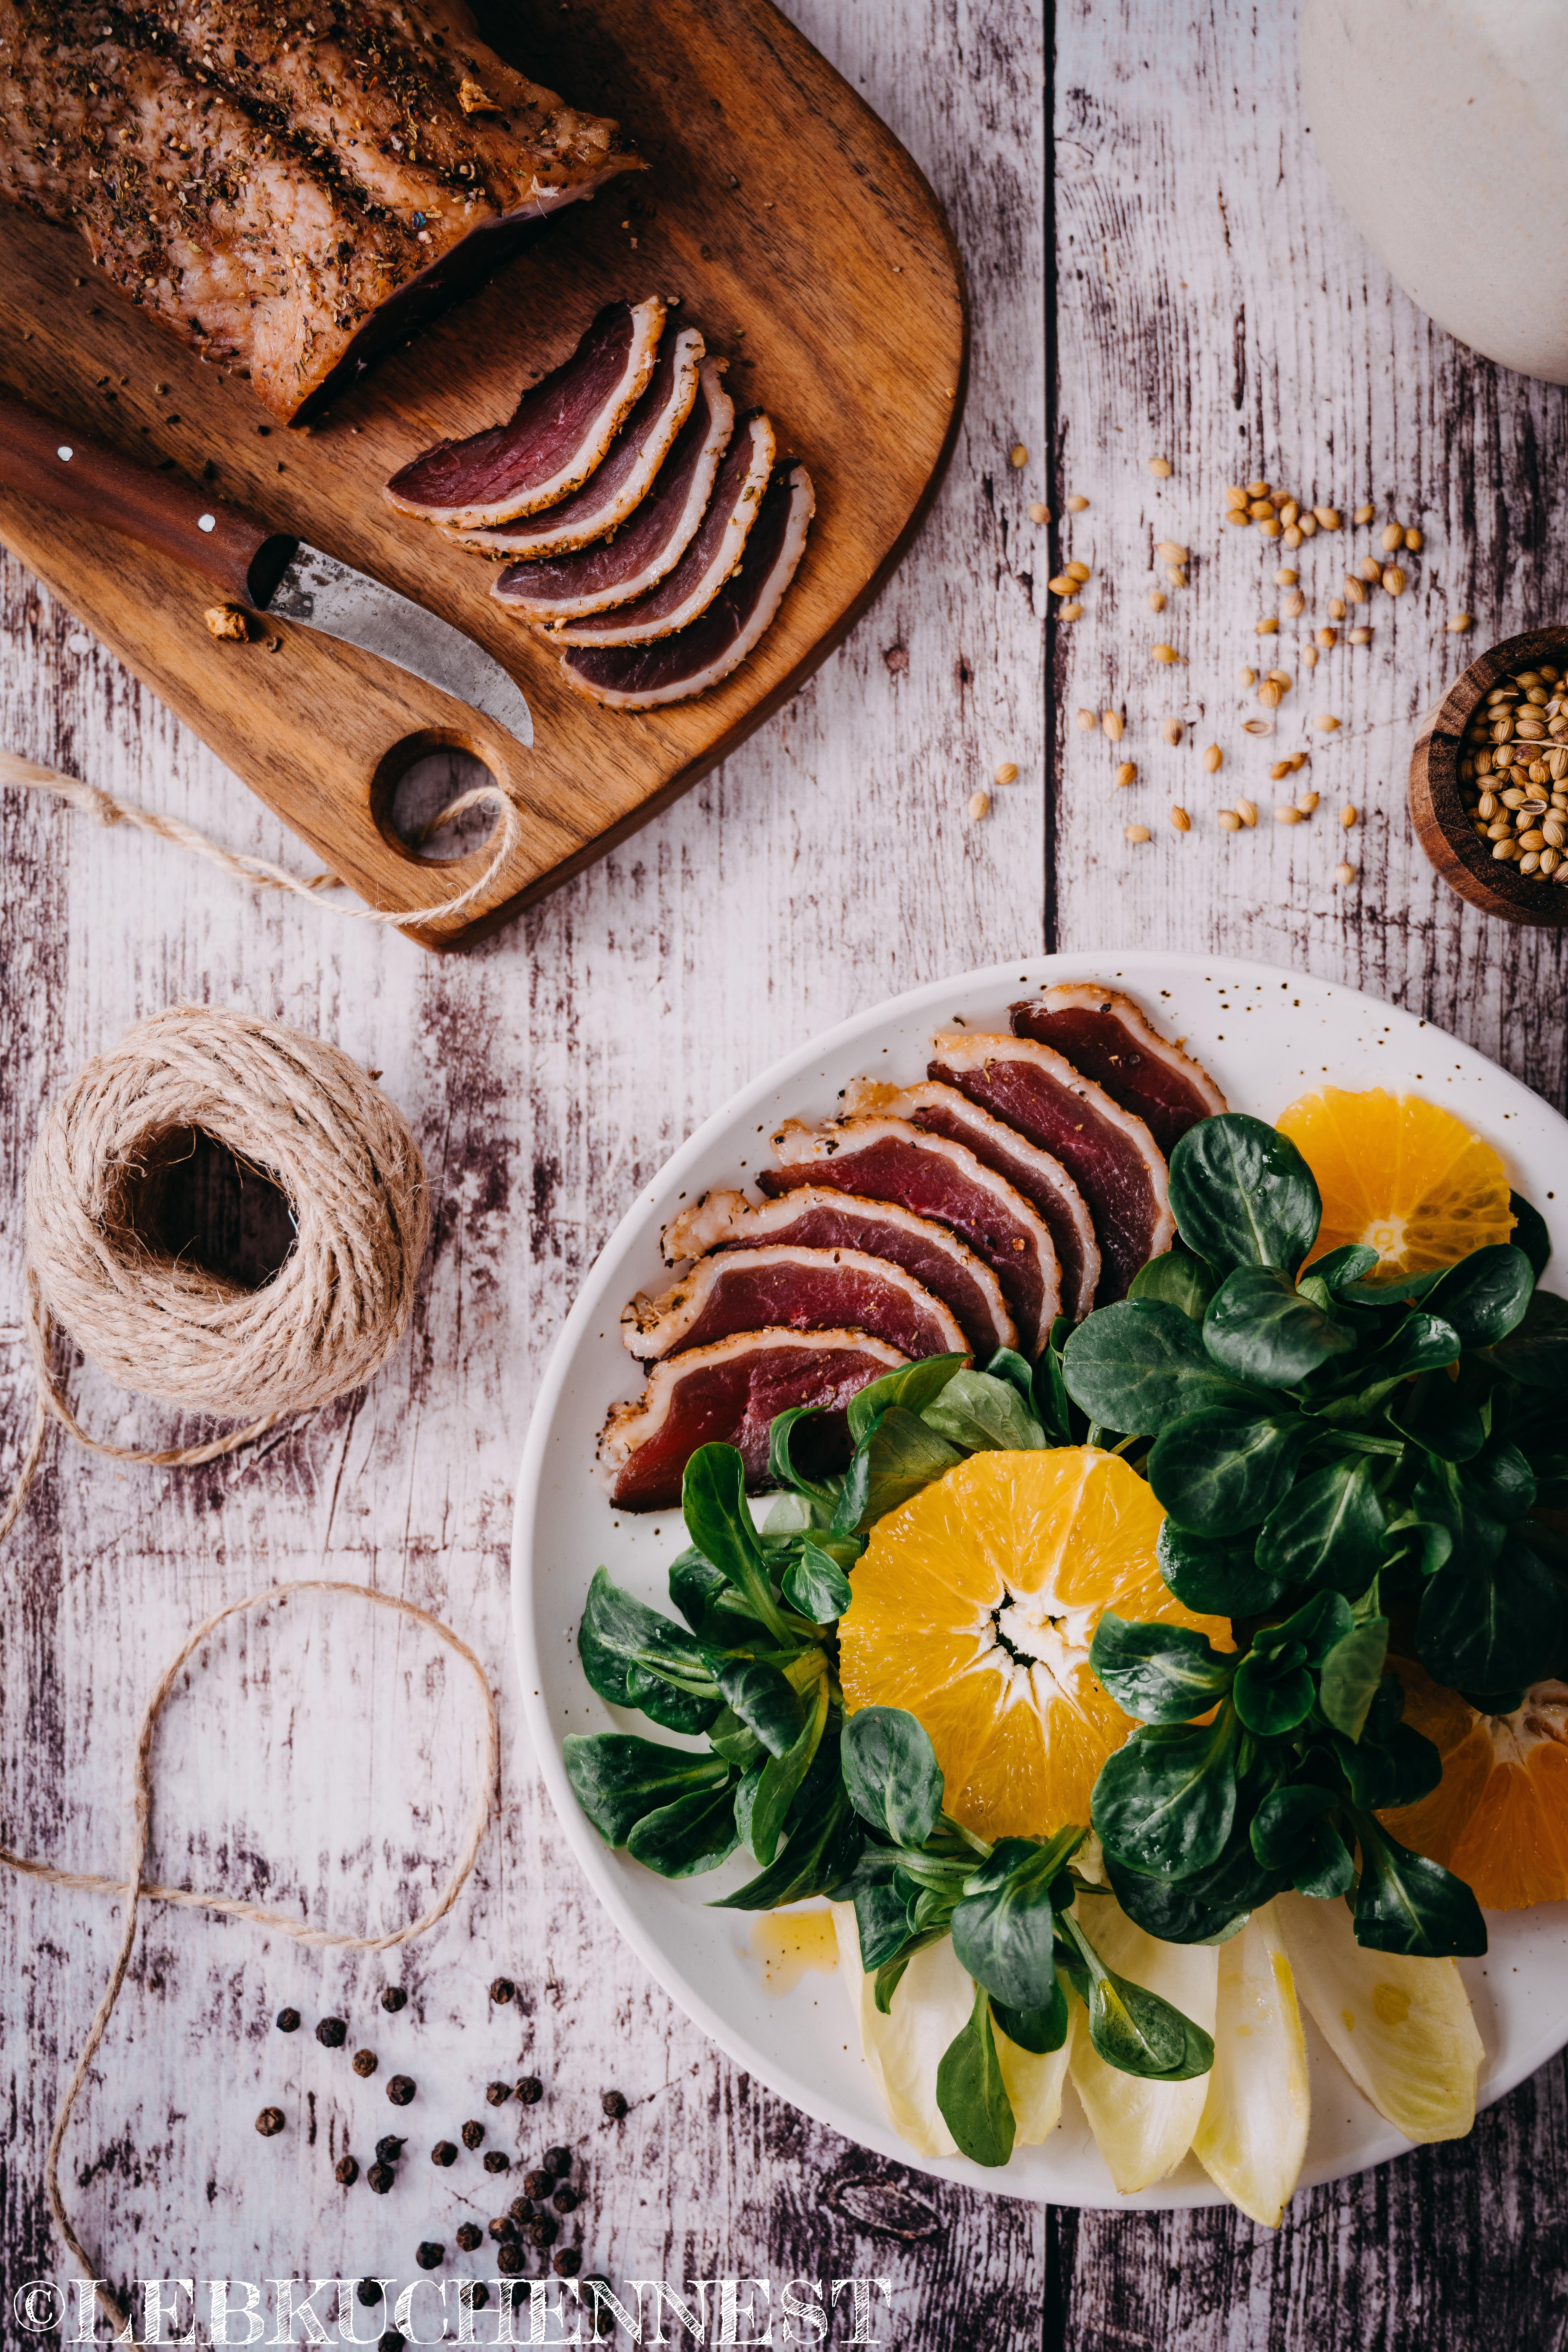 Feldsalat mit gebeizter Entenbrust & Orange